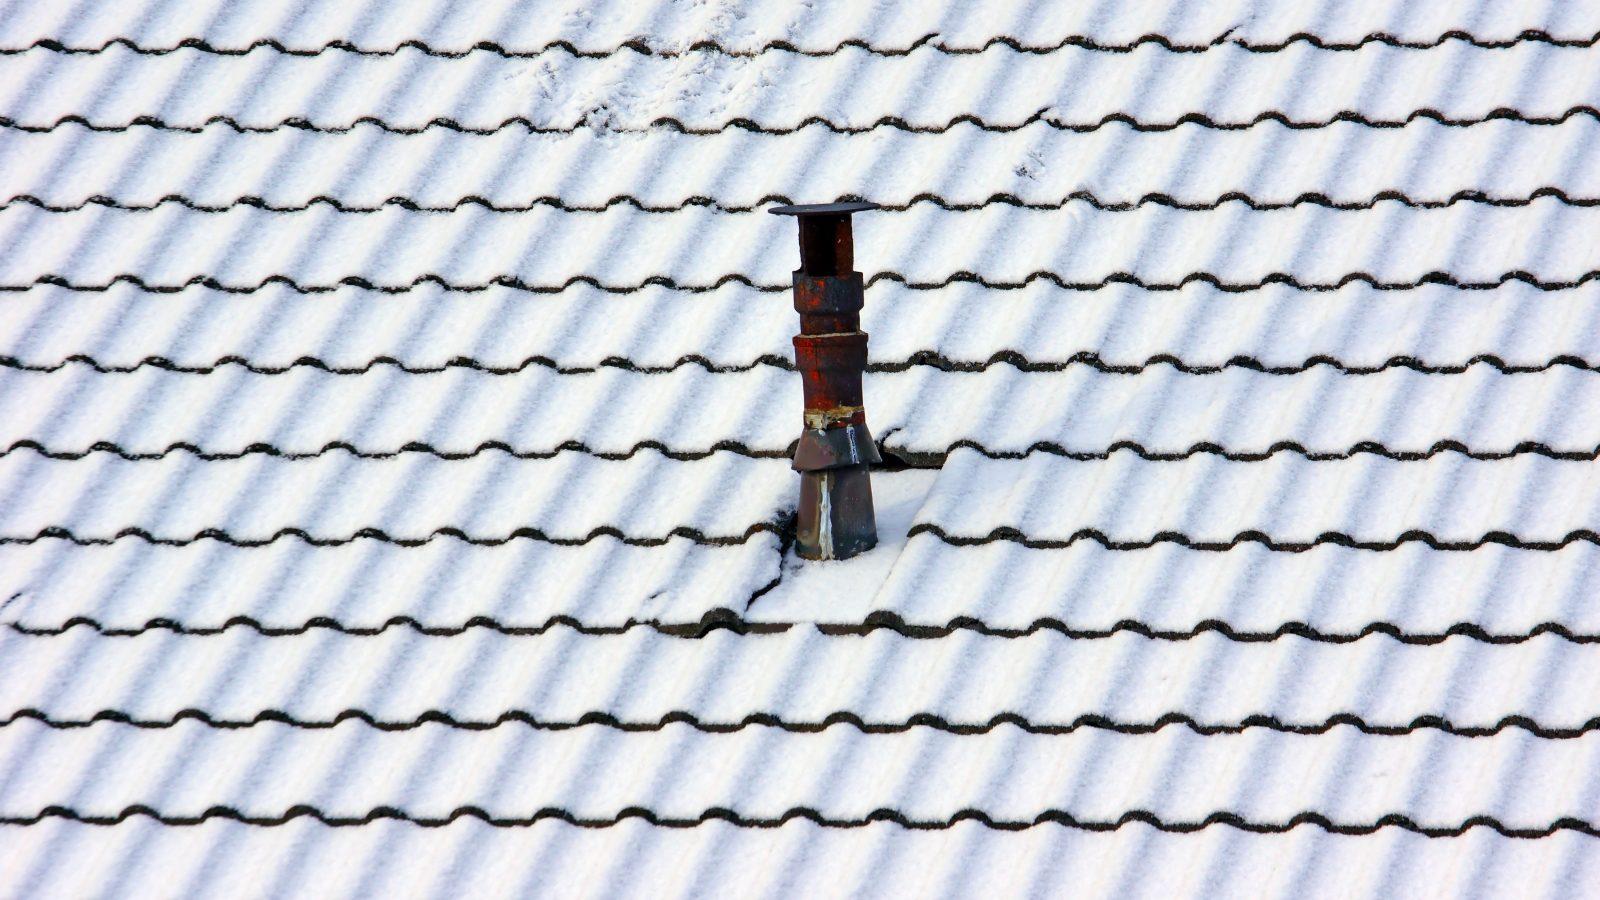 Střecha z hliníku dokáže v mnoha ohledech příjemně překvapit